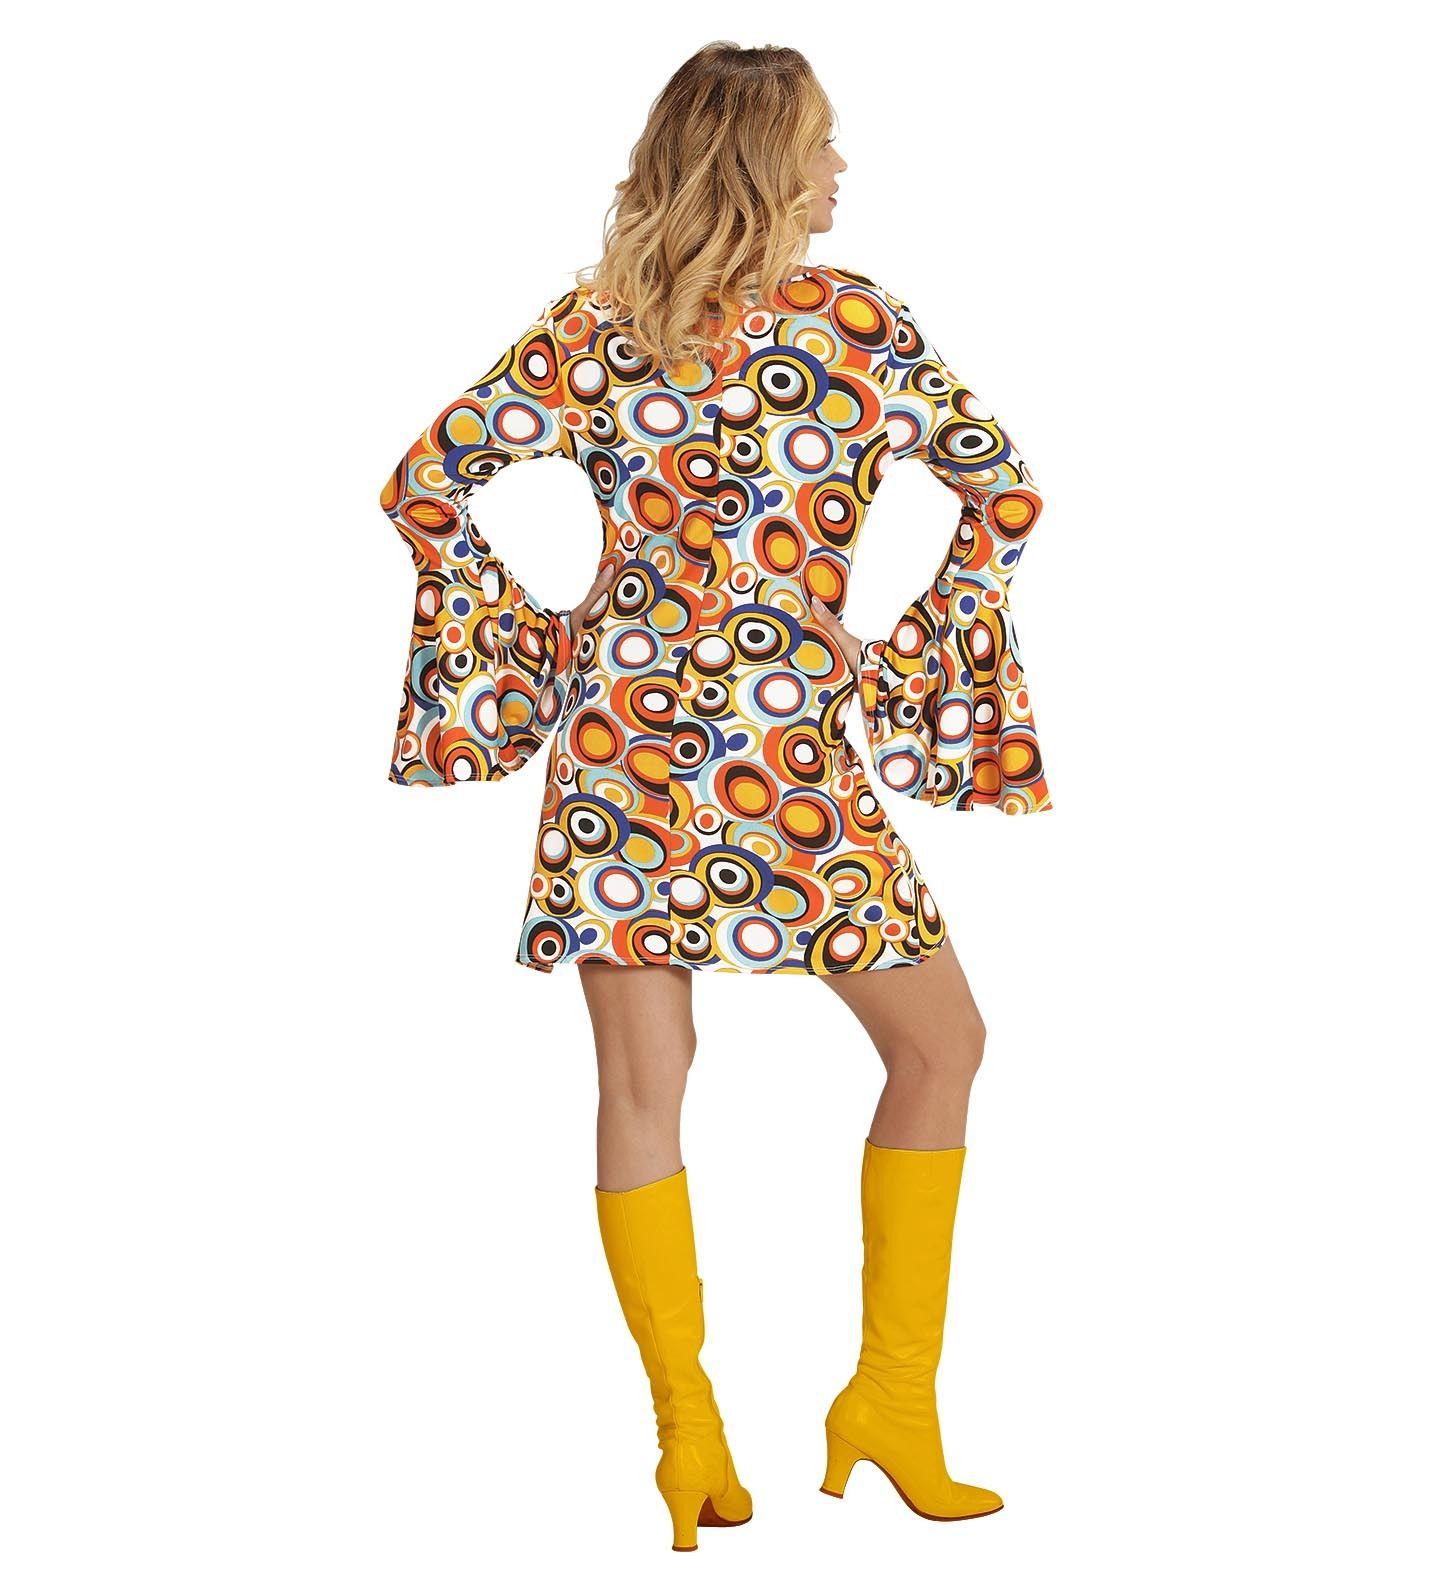 Minikleid Damen 60er 70er Jahre Hippie Schlager ...